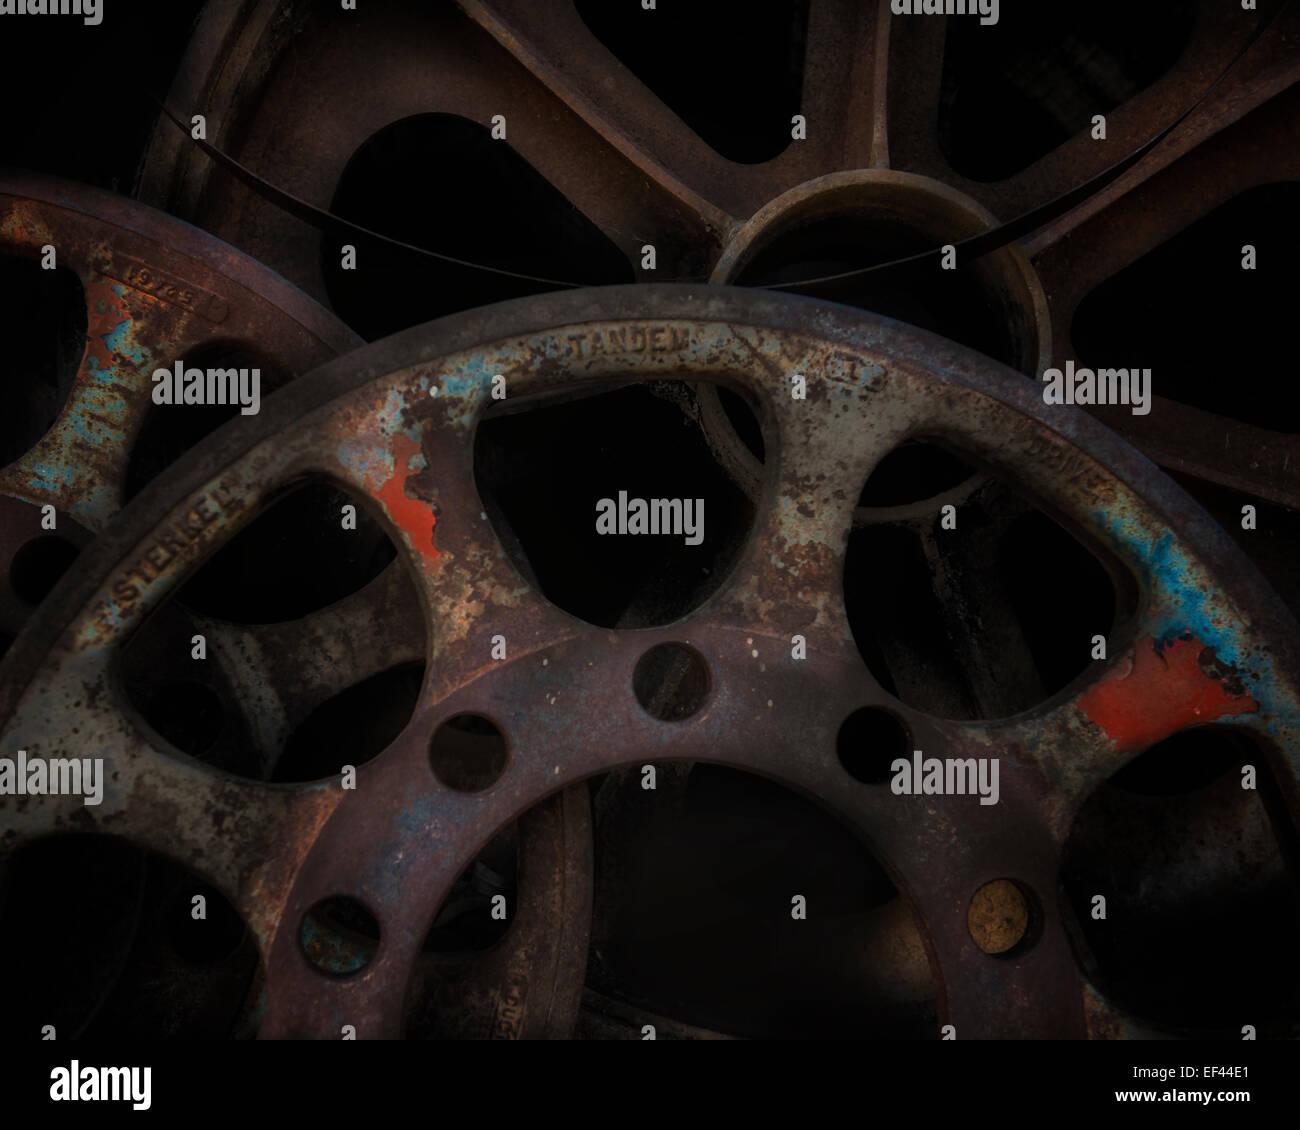 Una drammatica alta risoluzione fine art immagine stile di volare ruote e ingranaggi vicino a Girolamo Arizona Immagini Stock